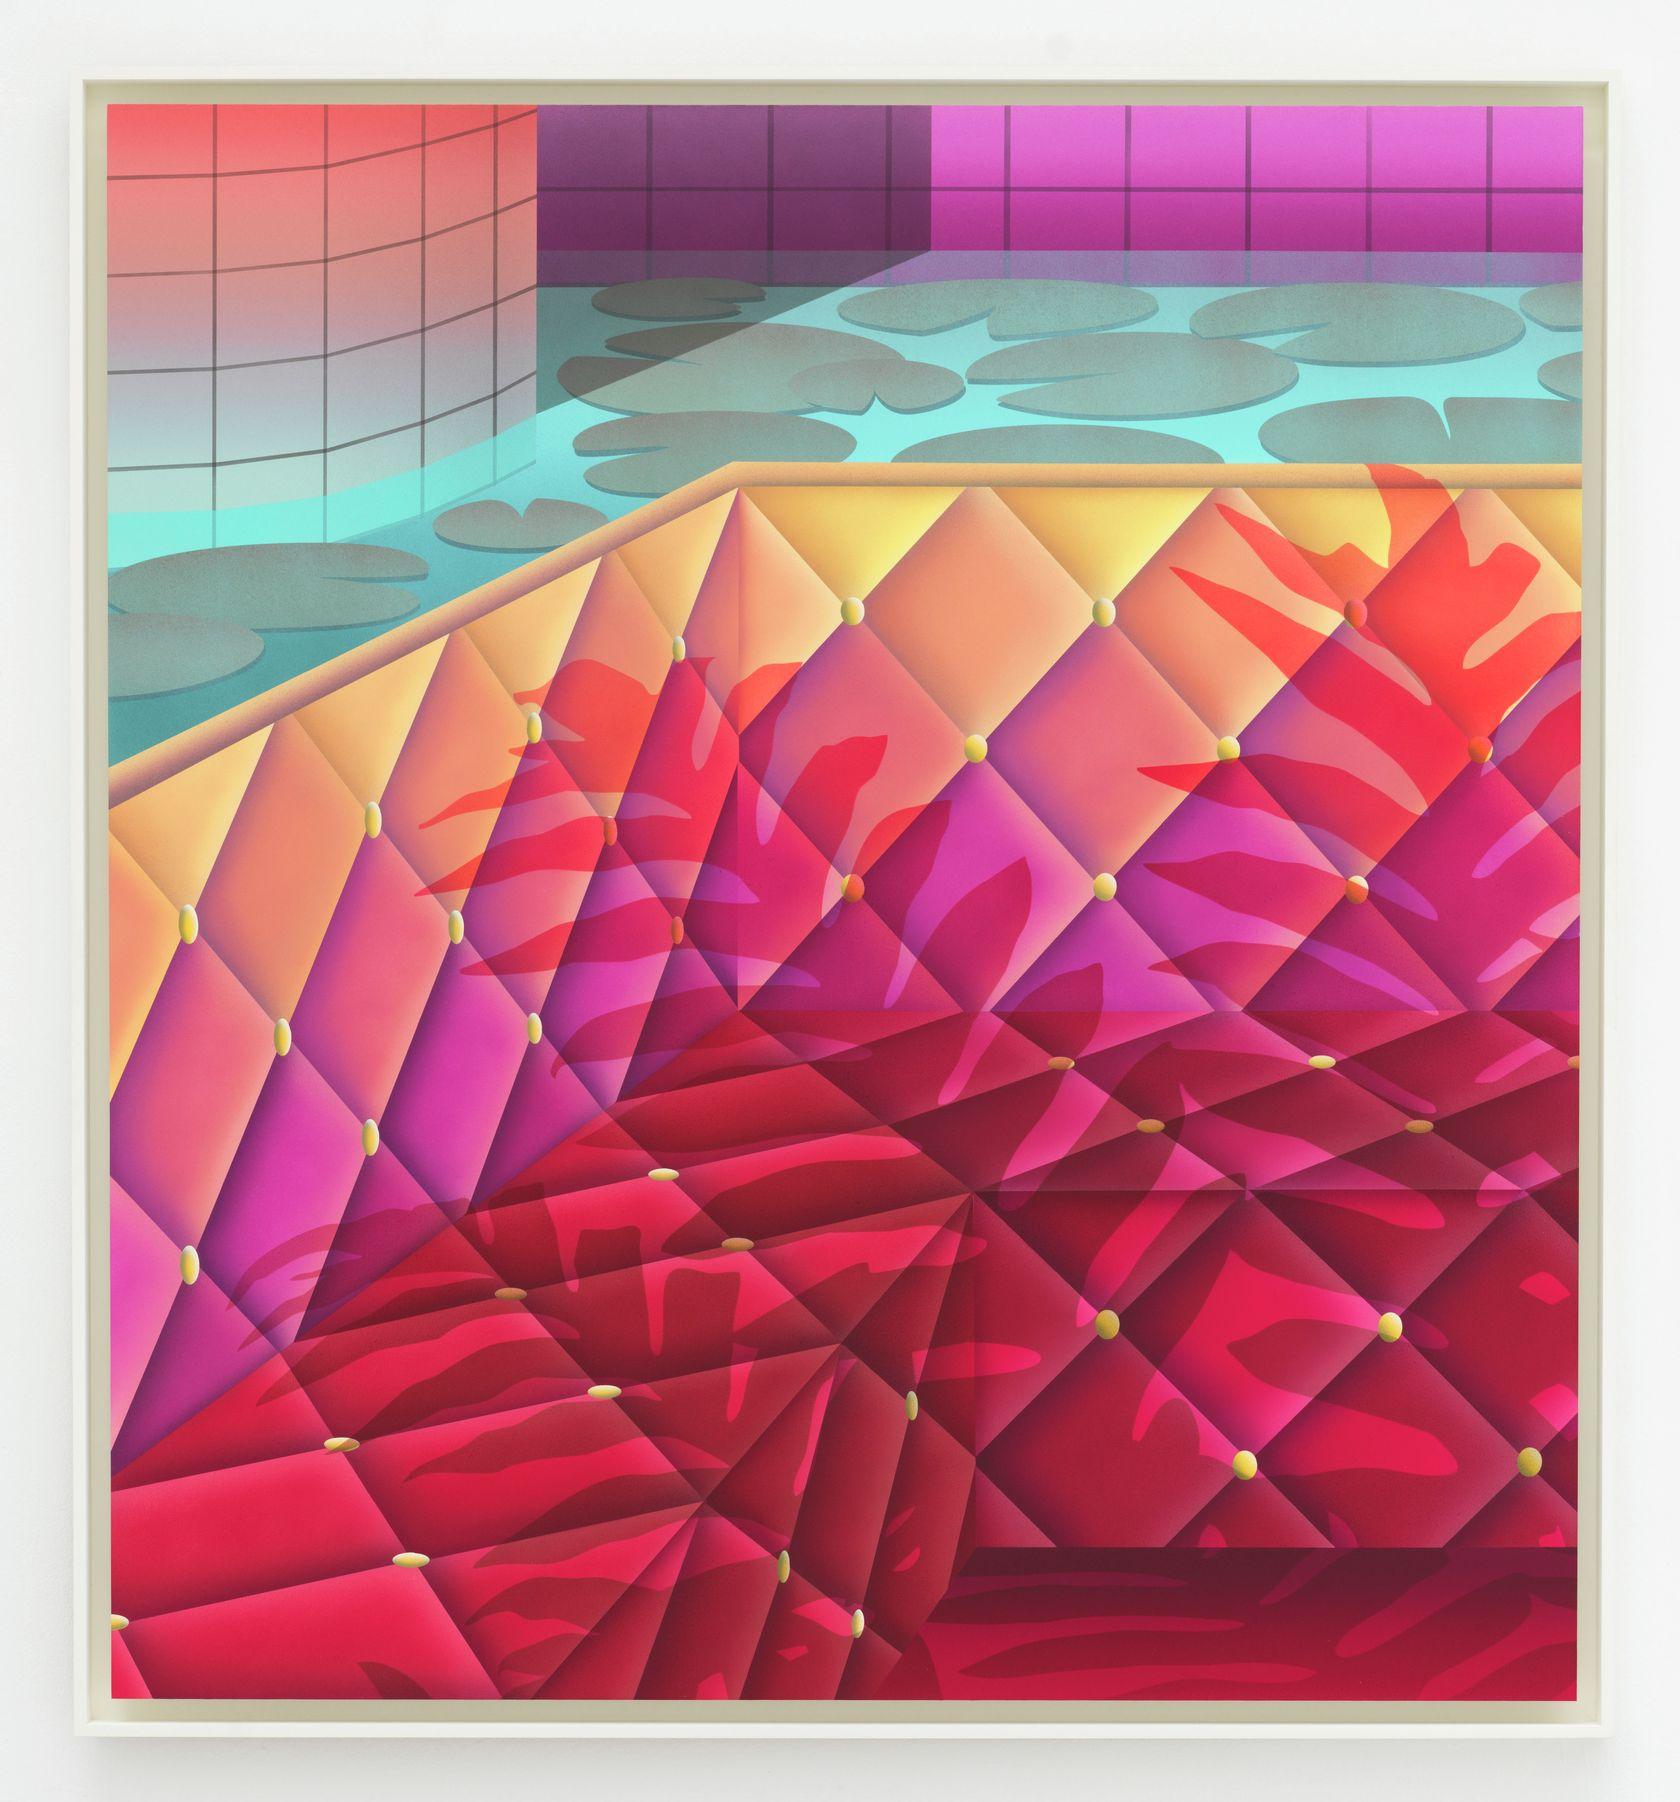 Amélie Bertrand, Call of idleness, 2021 Acrylique sur papier contrecollé sur aluminium130 × 120 cm / 51 1/8 × 47 2/8 in.